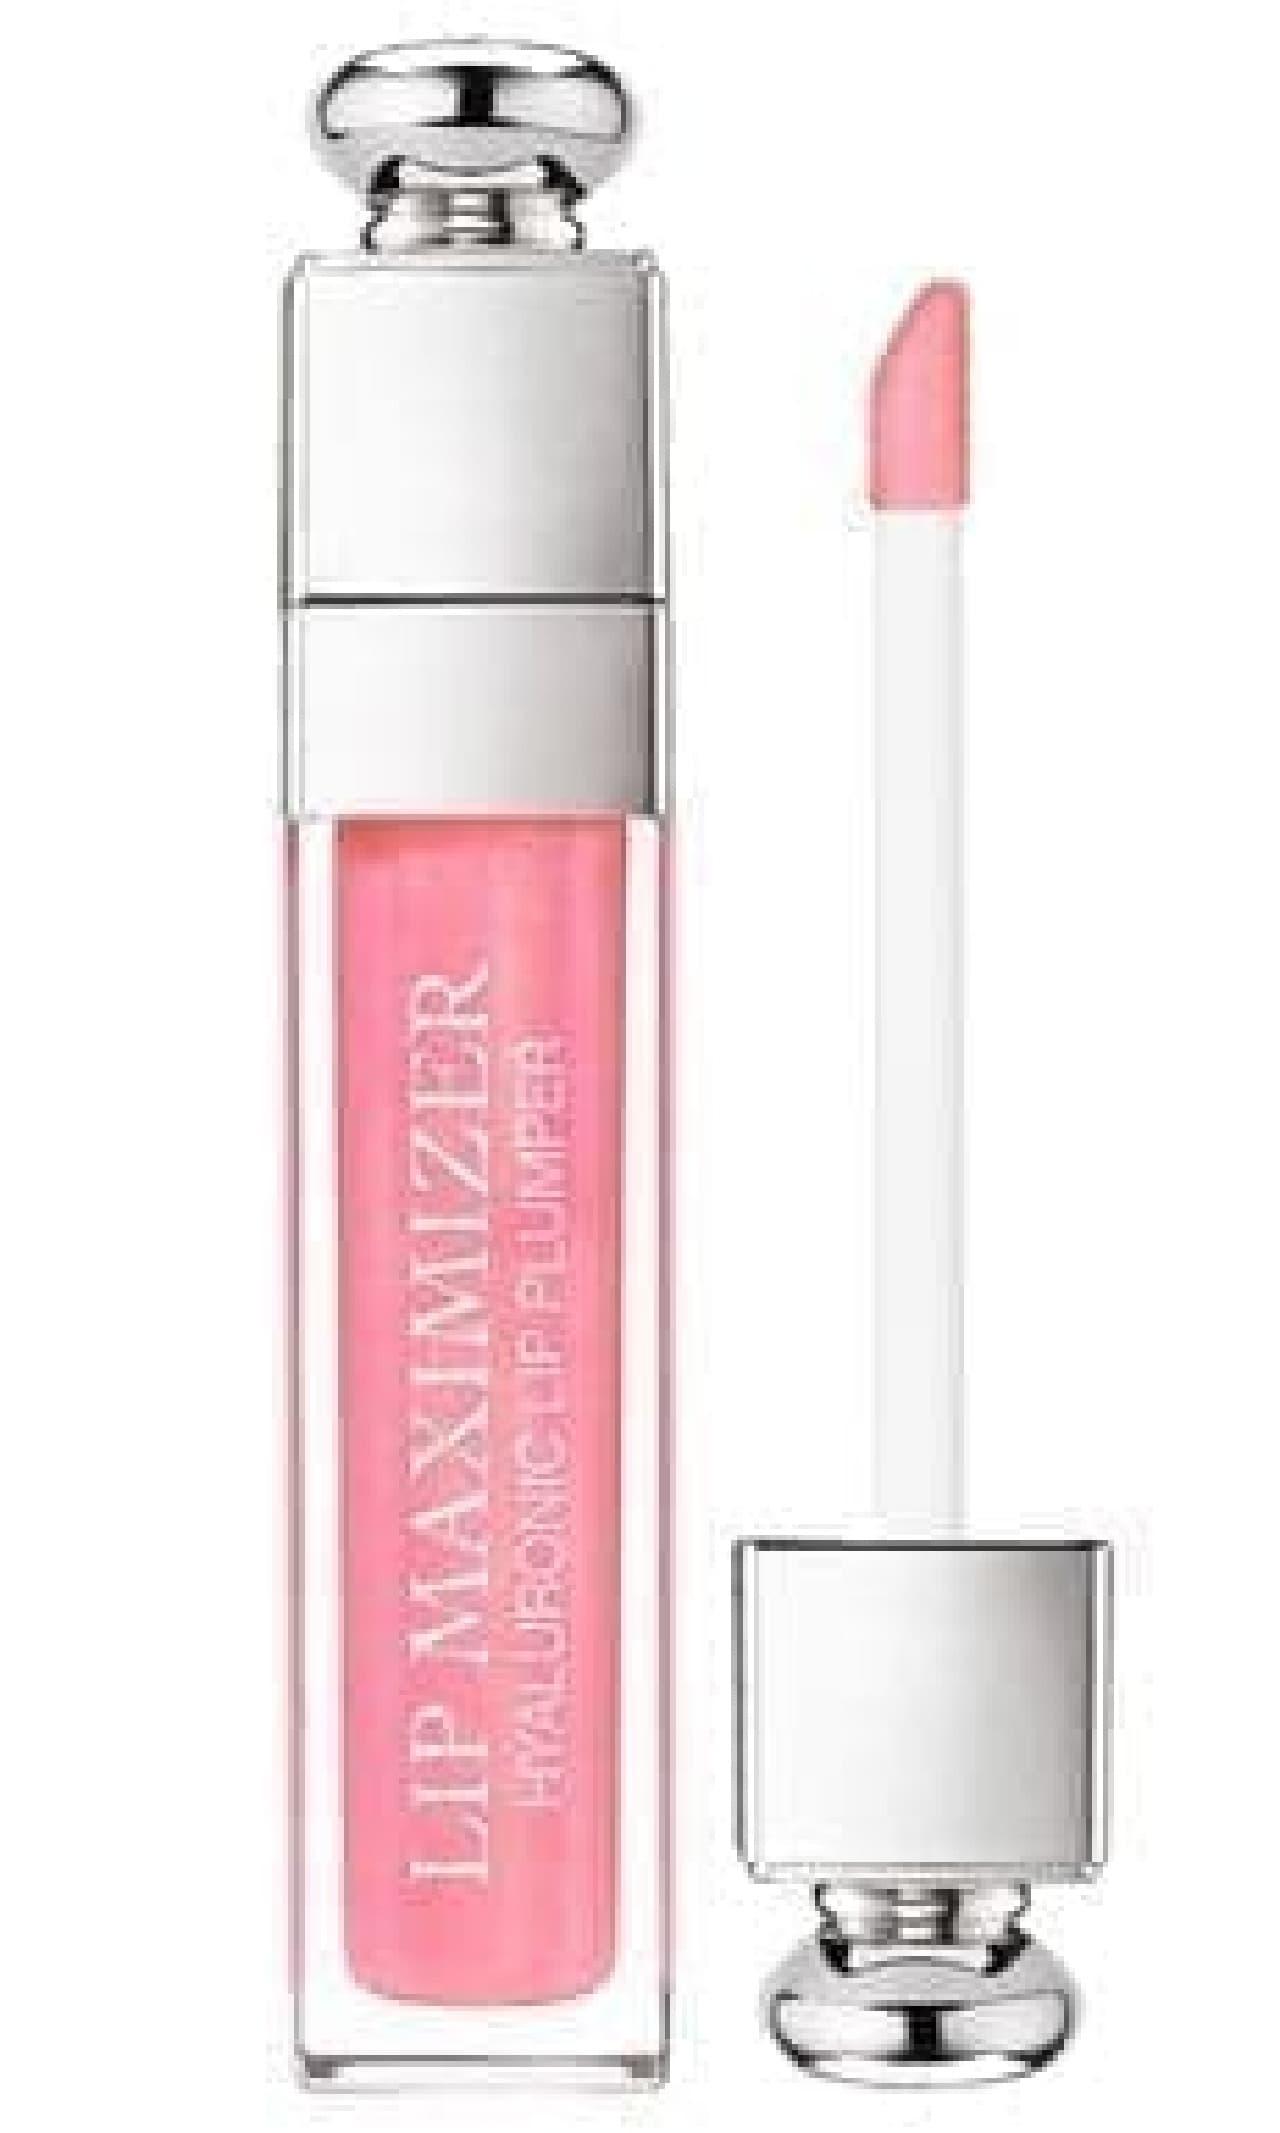 ディオール アディクト リップ マキシマイザー限定色「022 ウルトラ ピンク」